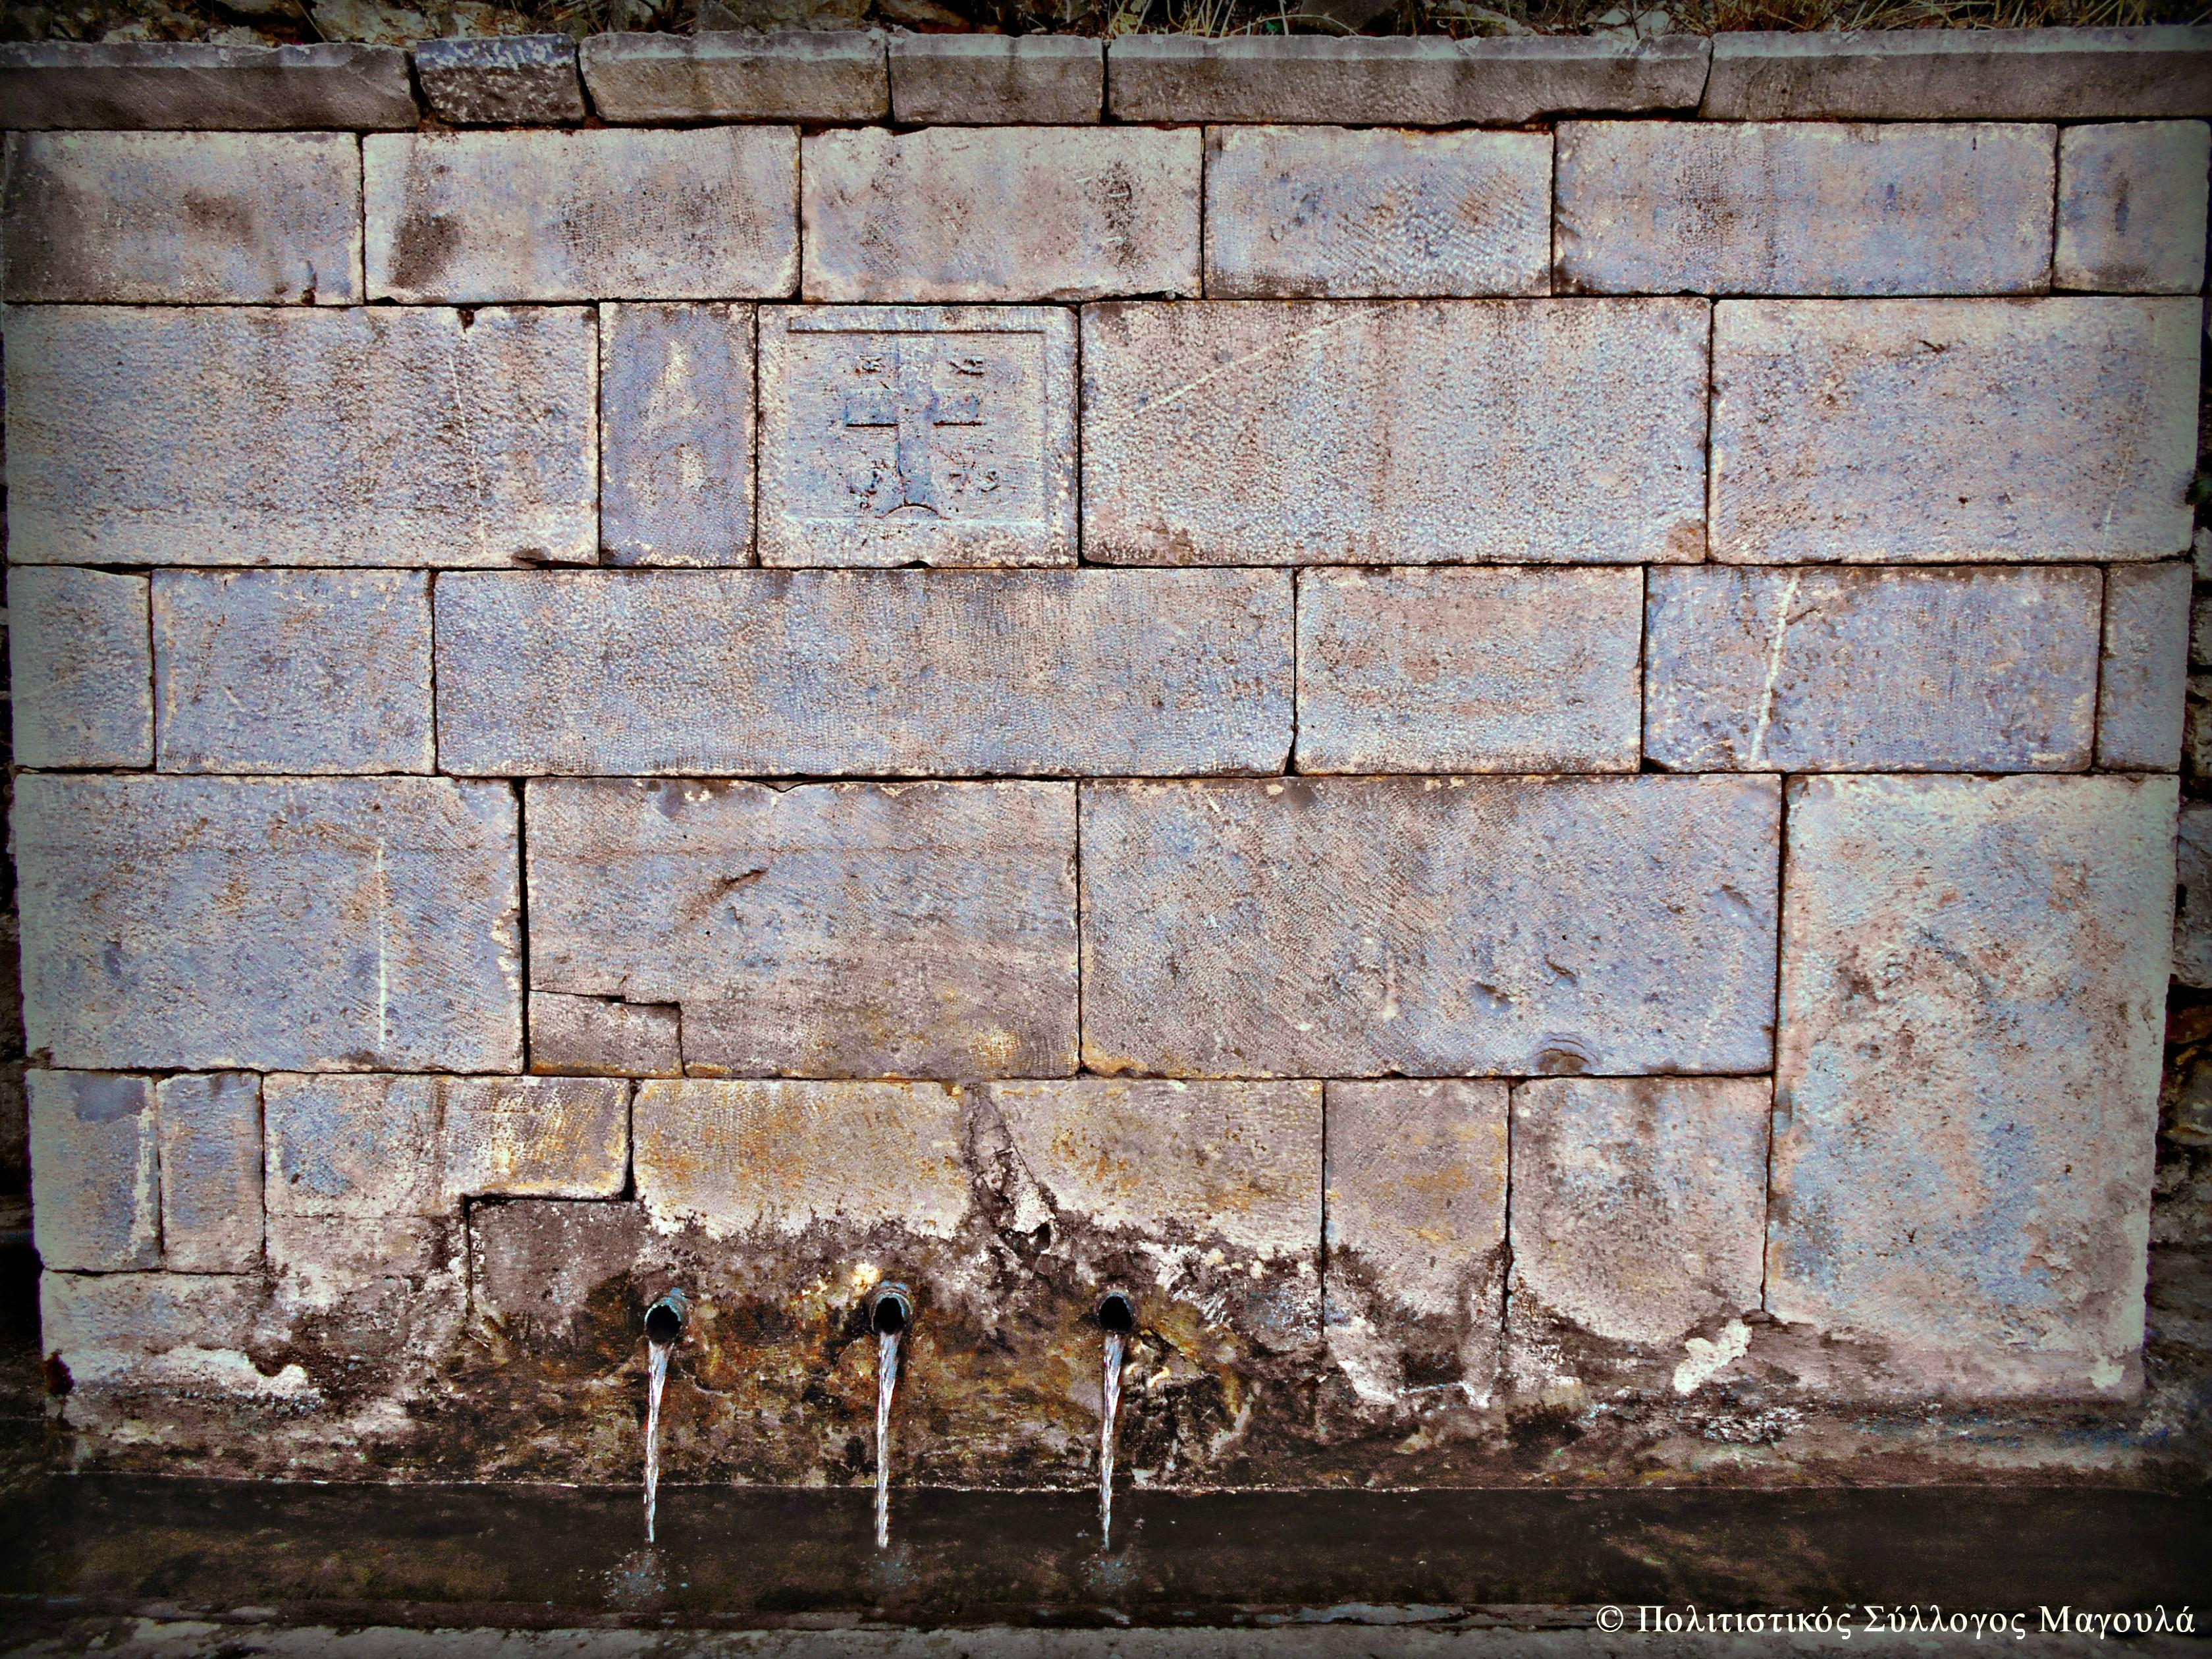 Η πέτρινη επιγραφή με το σταυρό της Μεγάλης Βρύσης του Μαγουλά